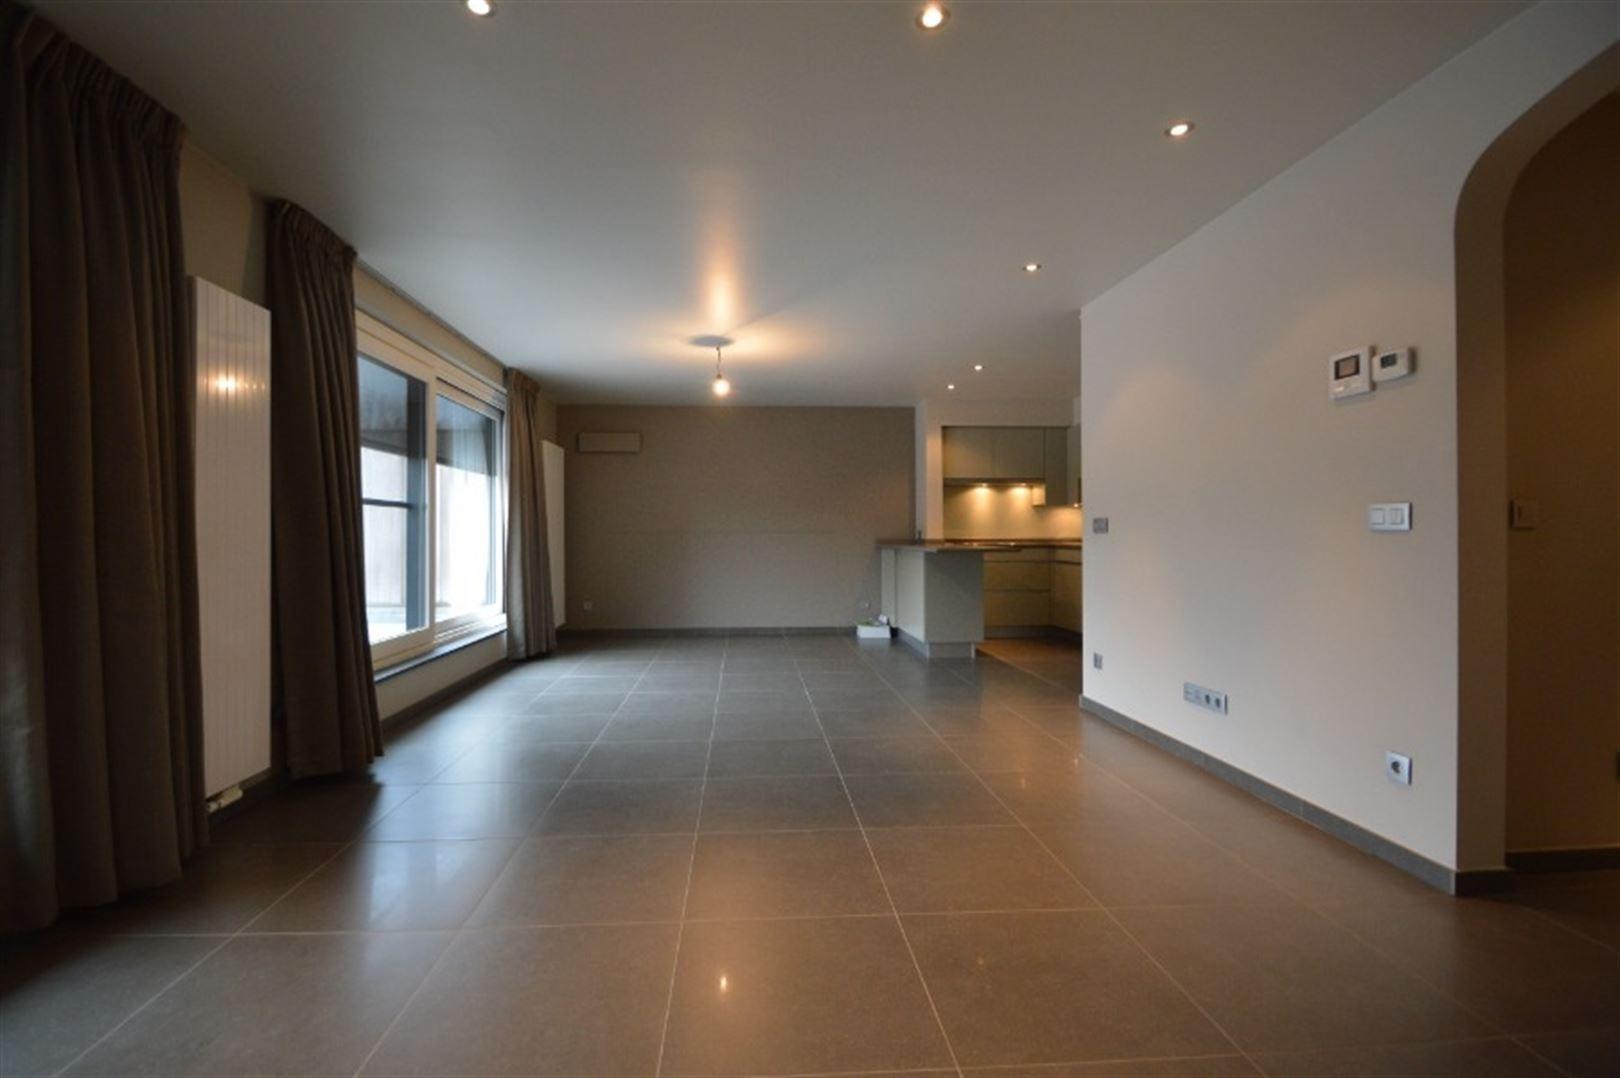 Foto 5 : Appartement te 9240 Zele (België) - Prijs € 725